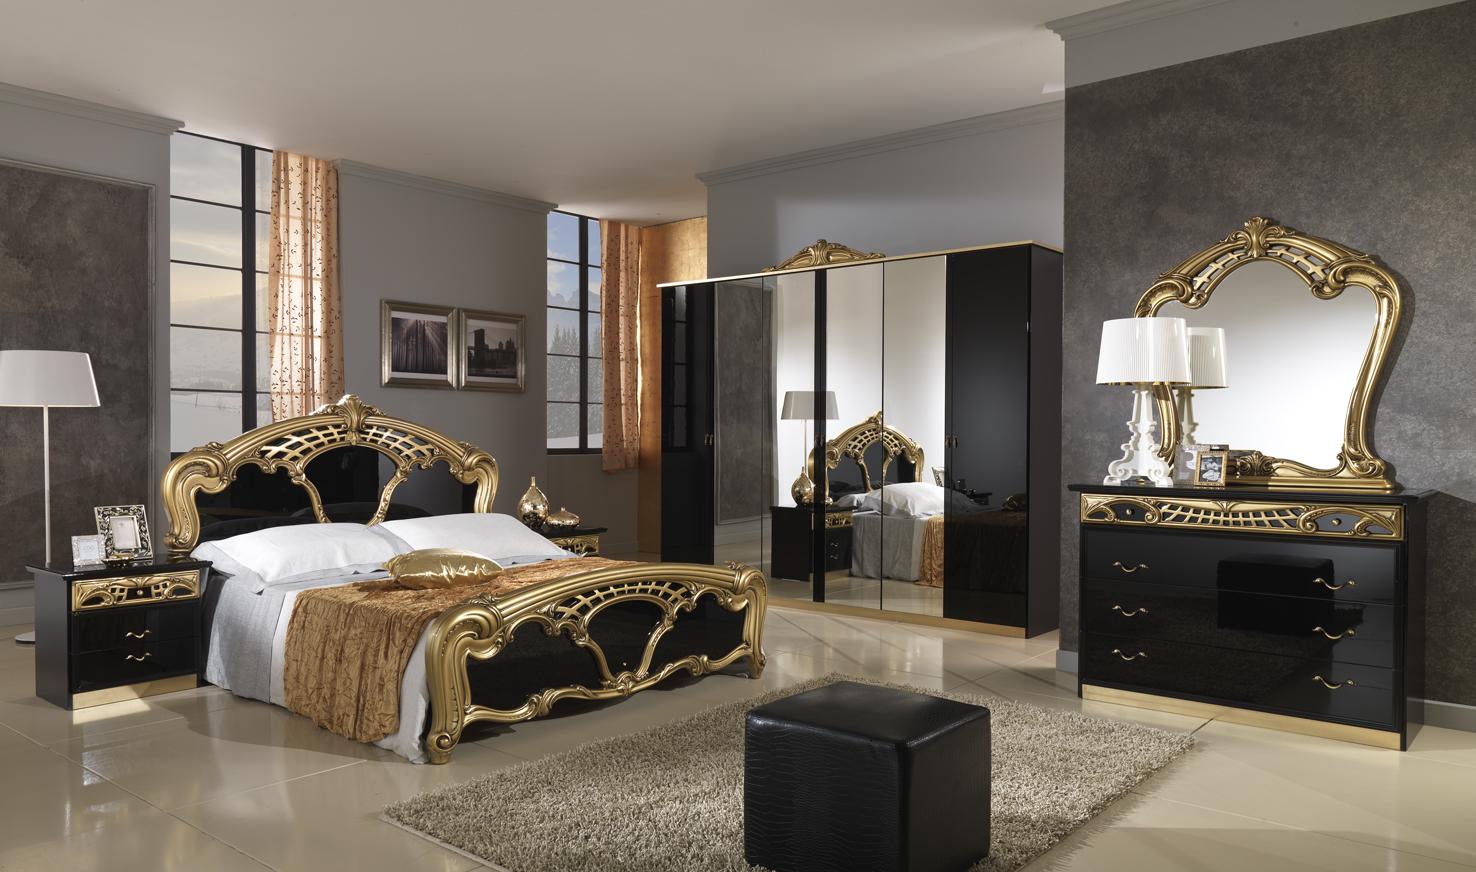 بالصور موديلات غرف نوم , عرف نوم حديثة وعصرية 3271 16